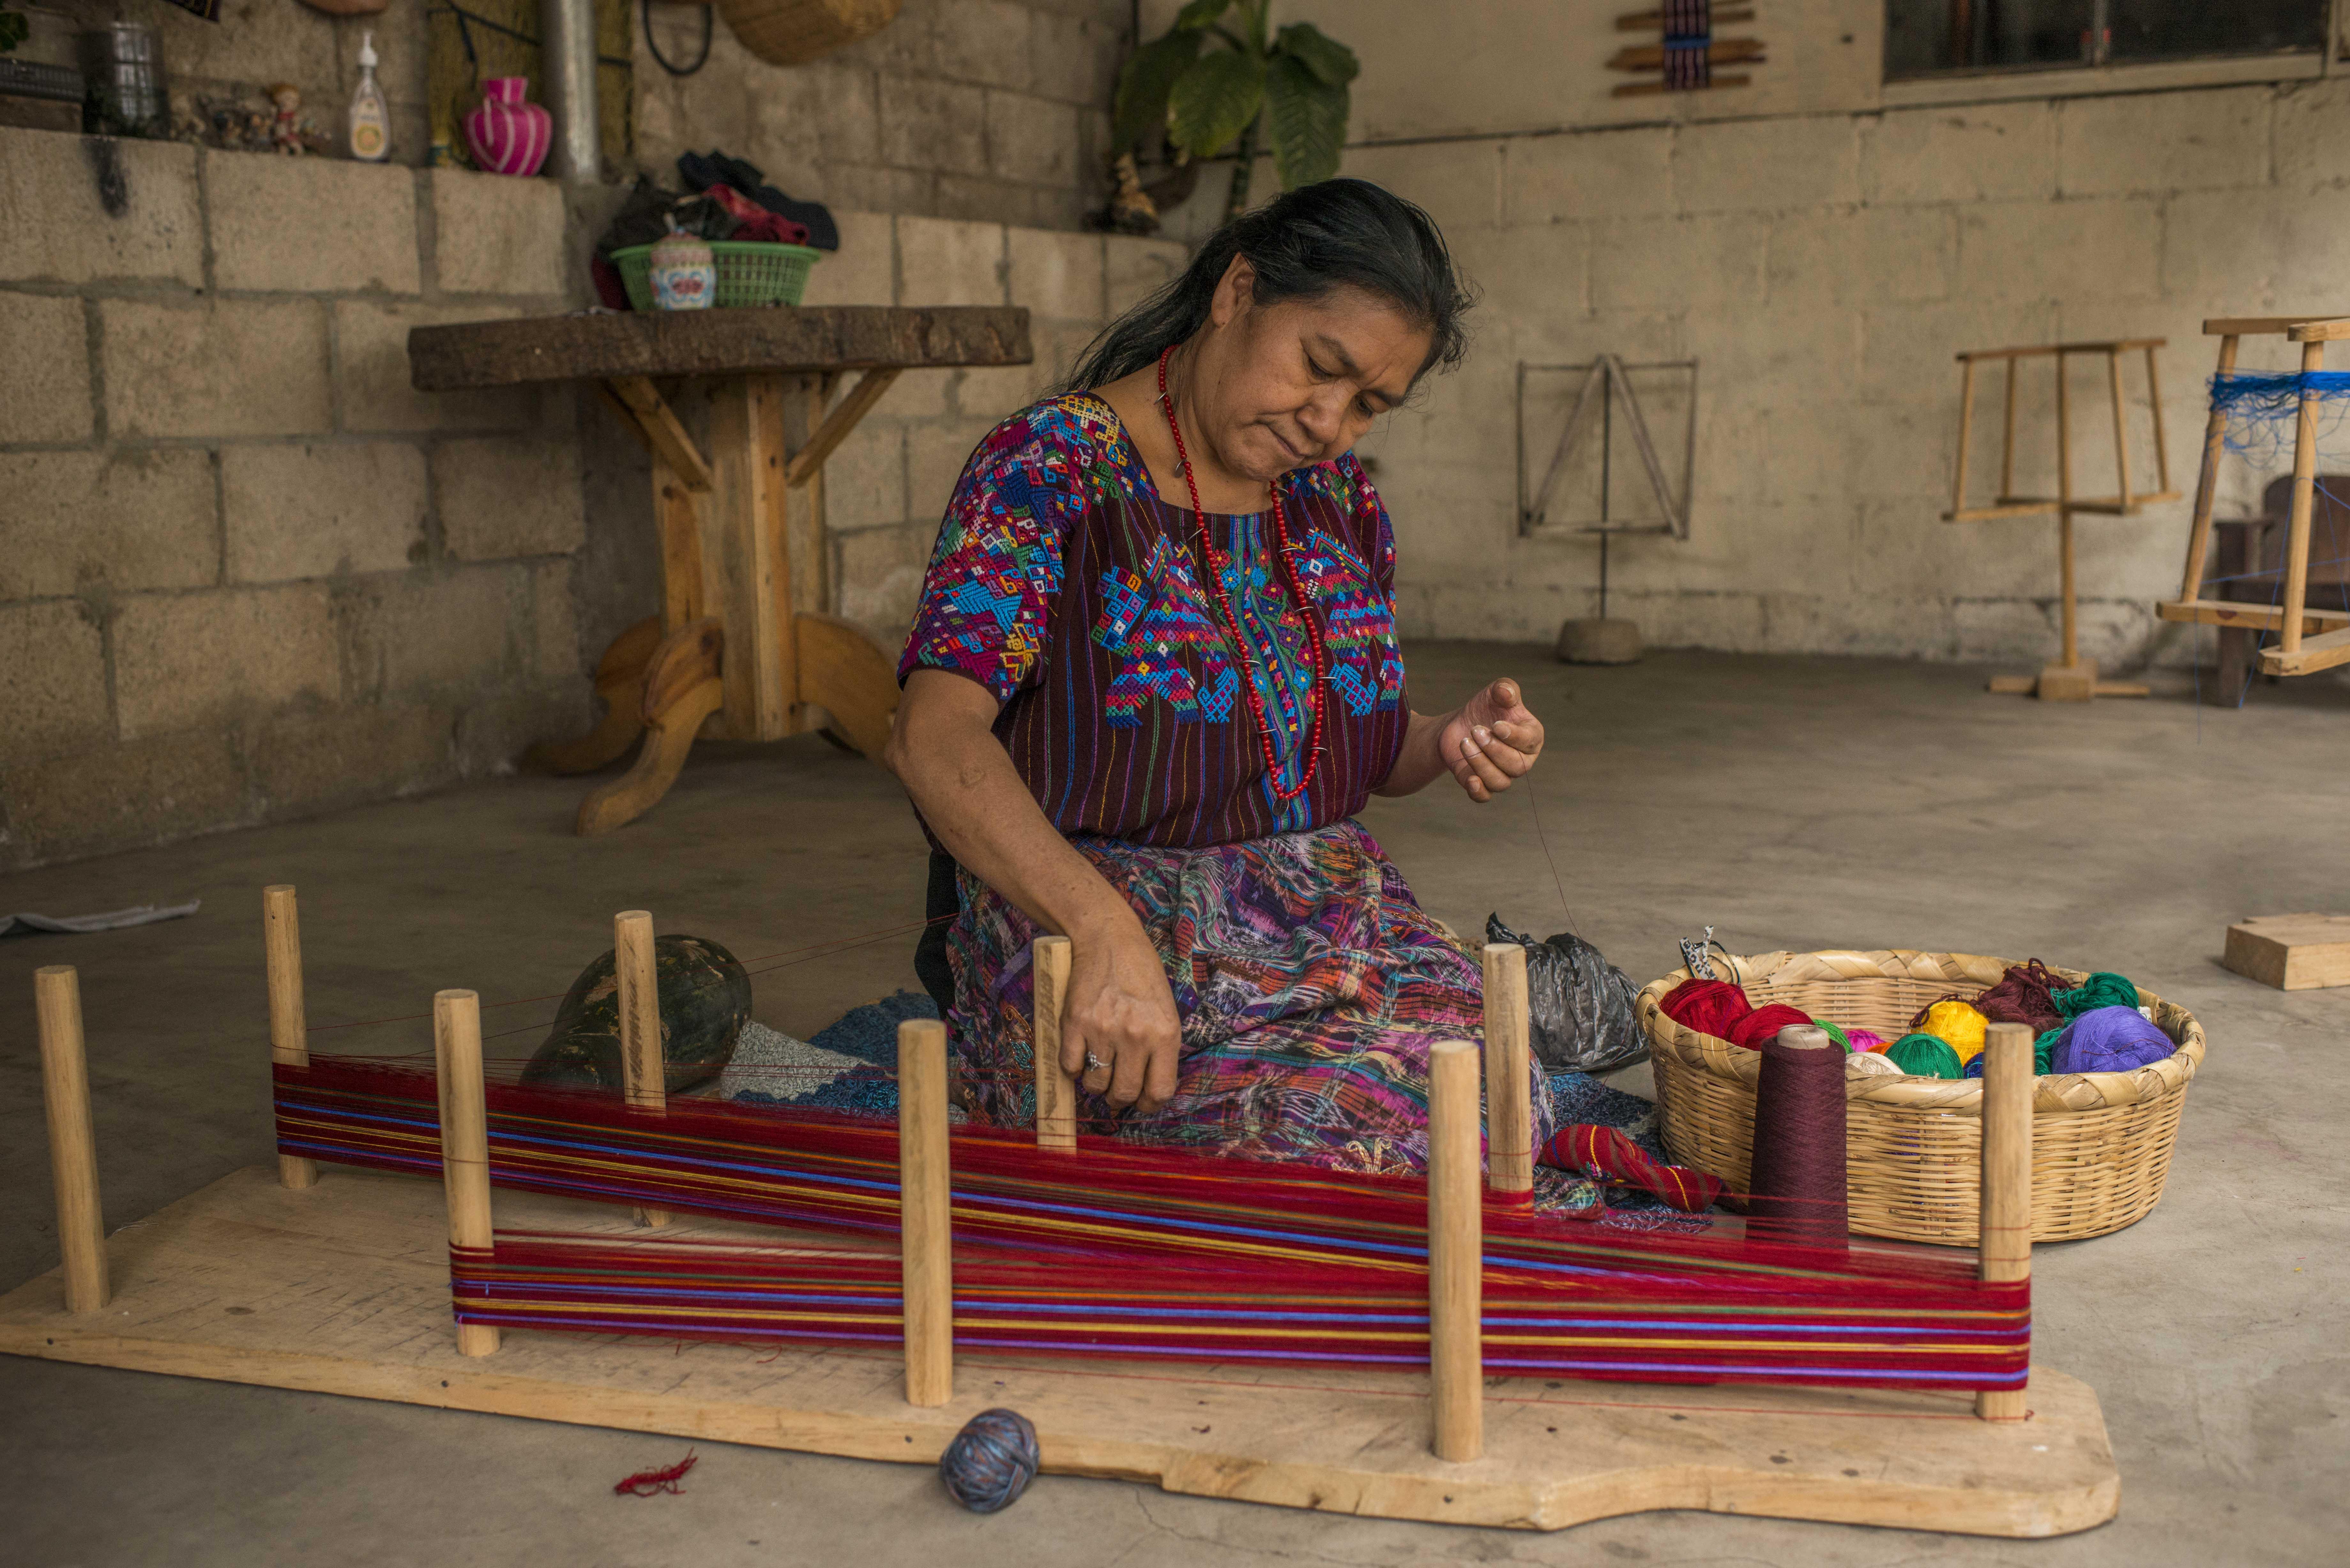 Mujer del altiplano guatemalteco, trabajando en el arte de tejer.